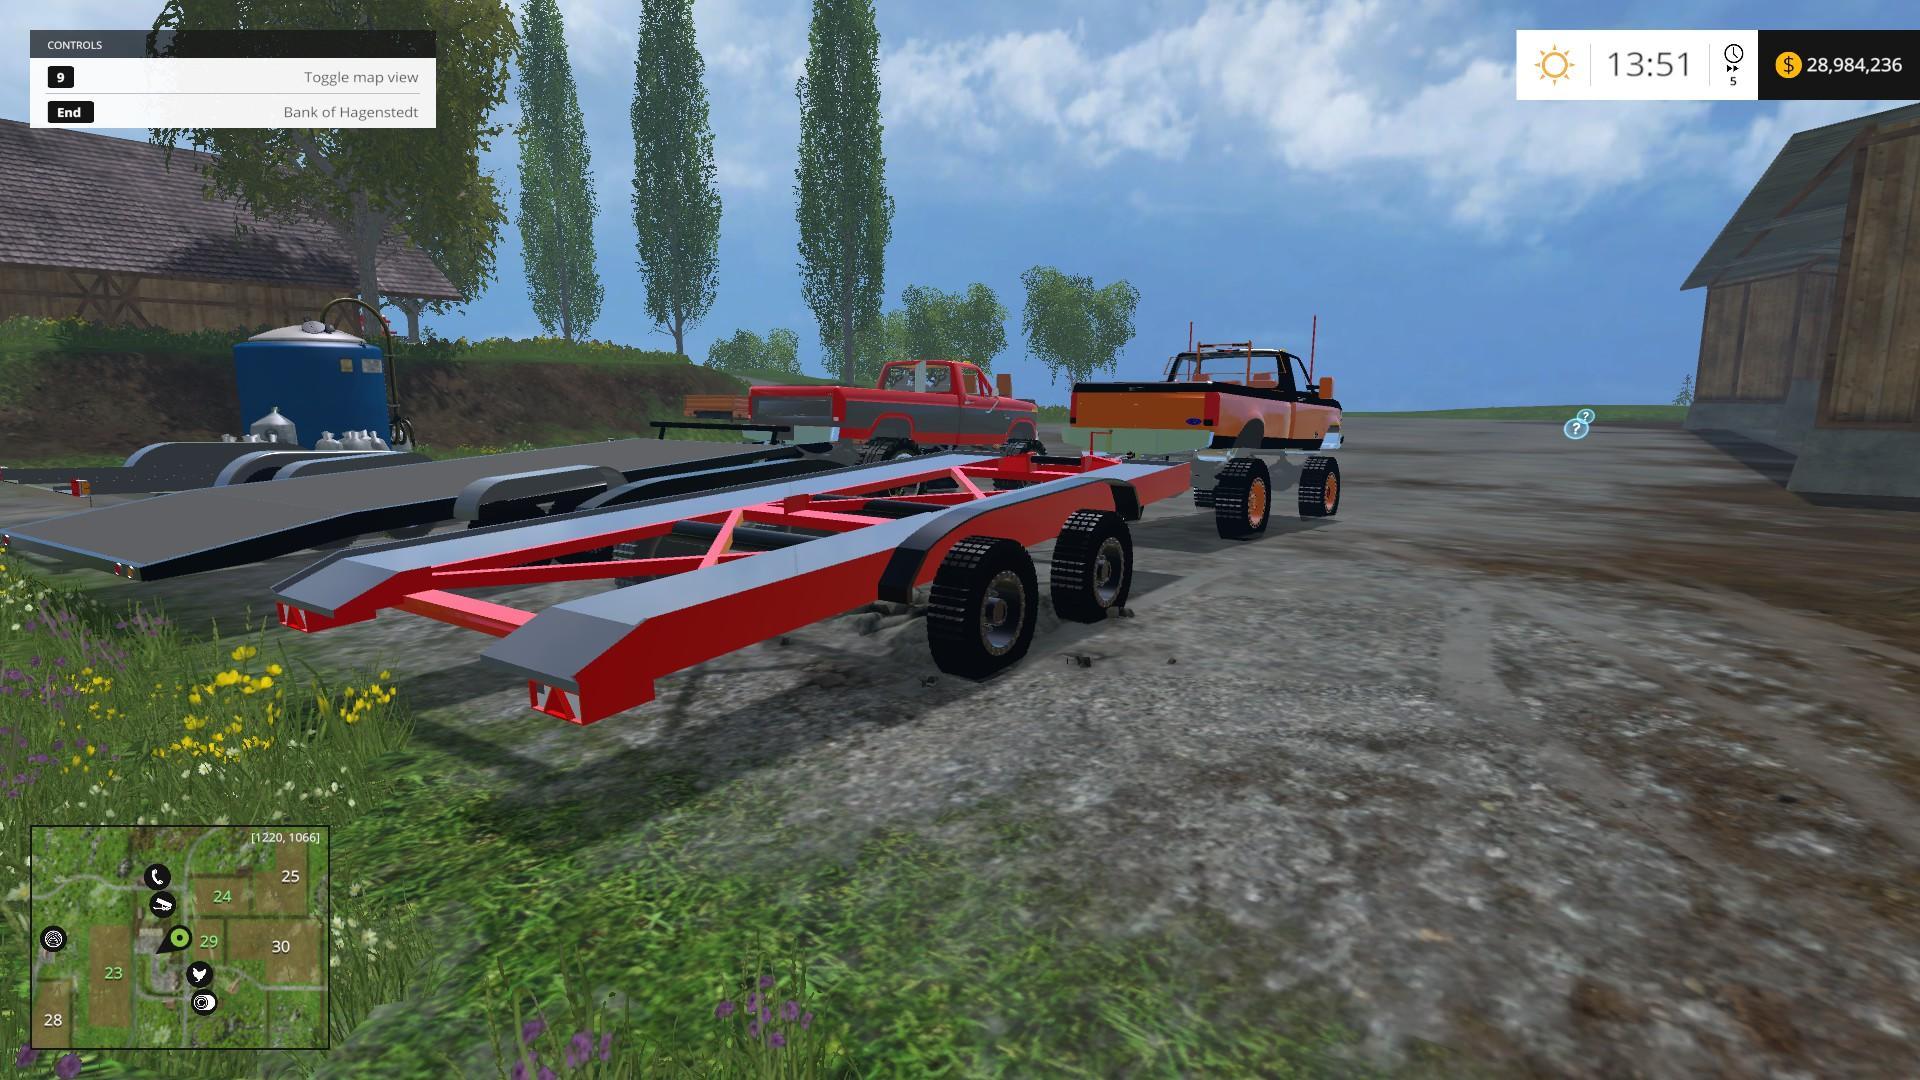 Cartrailer V1 Trailer Farming Simulator 19 17 15 Mod